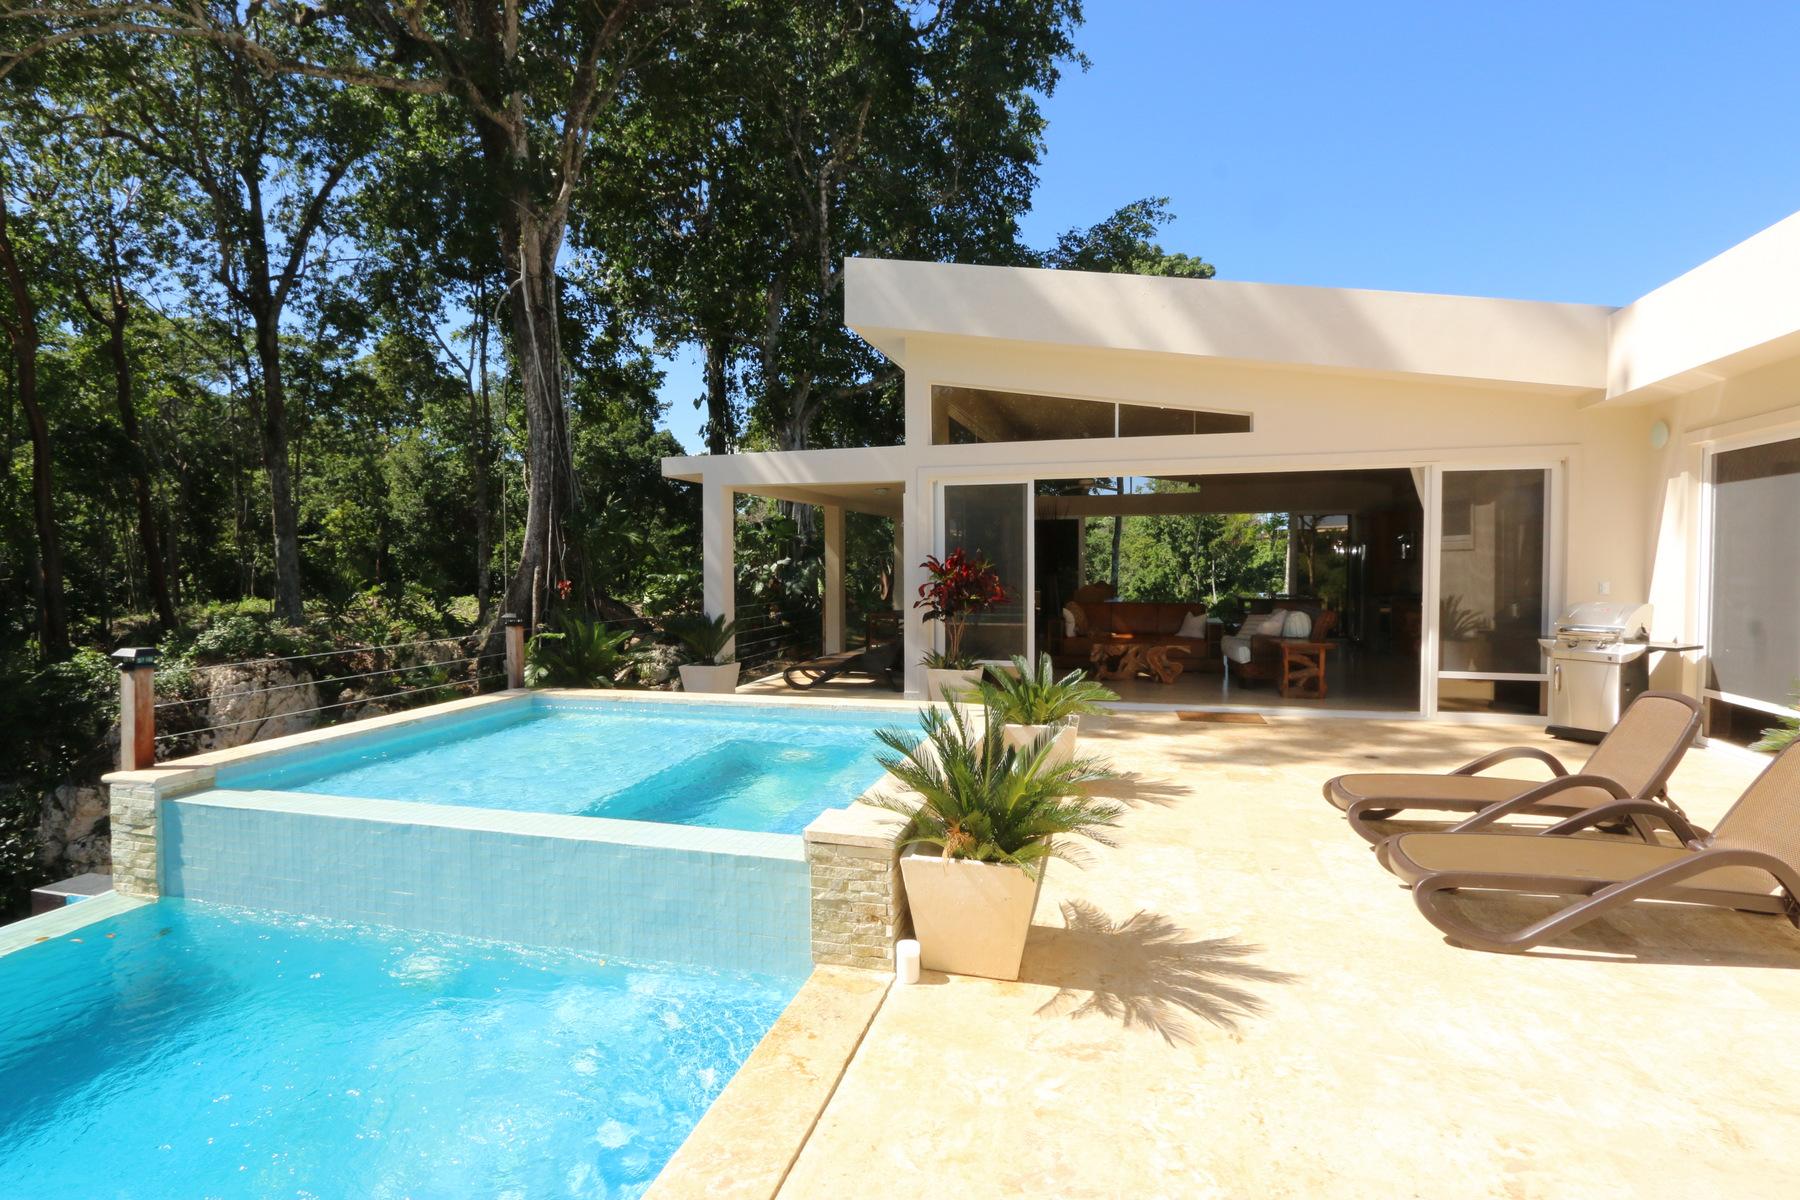 独户住宅 为 销售 在 Casa Linda Laura Cabarete, 普拉塔省, 57000 多米尼加共和国